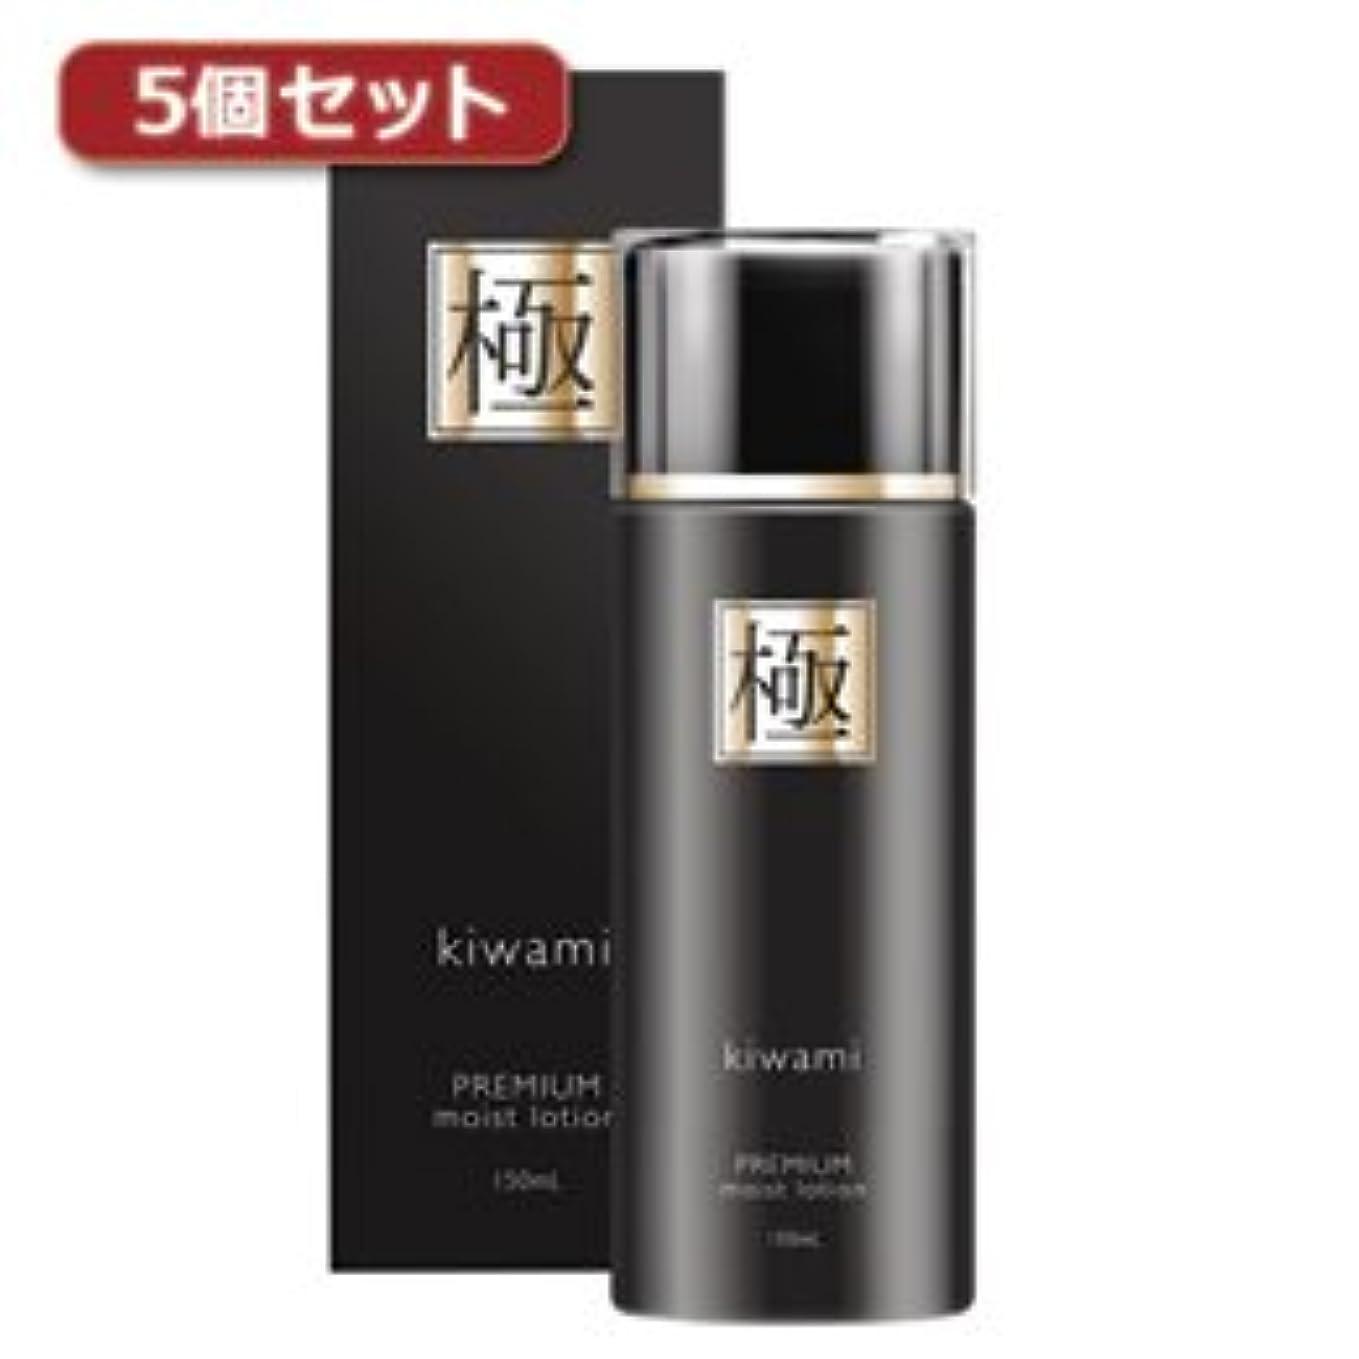 霧深いトーナメント乱す(3個まとめ売り) 5個セット極 プレミアムモイストローション premium moist lotion EV96454X5